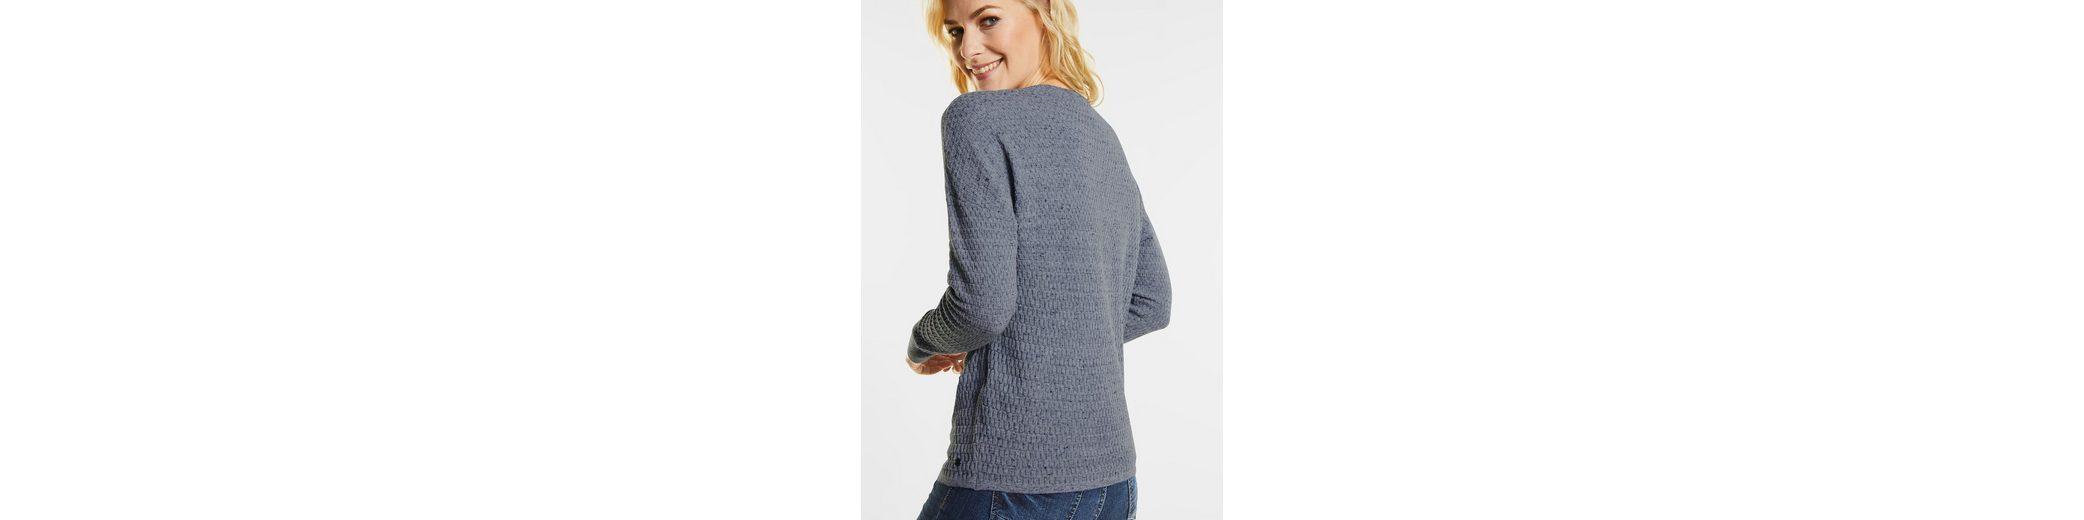 CECIL Struktur Pullover Durchsuchen Verkauf Online L2CUXI